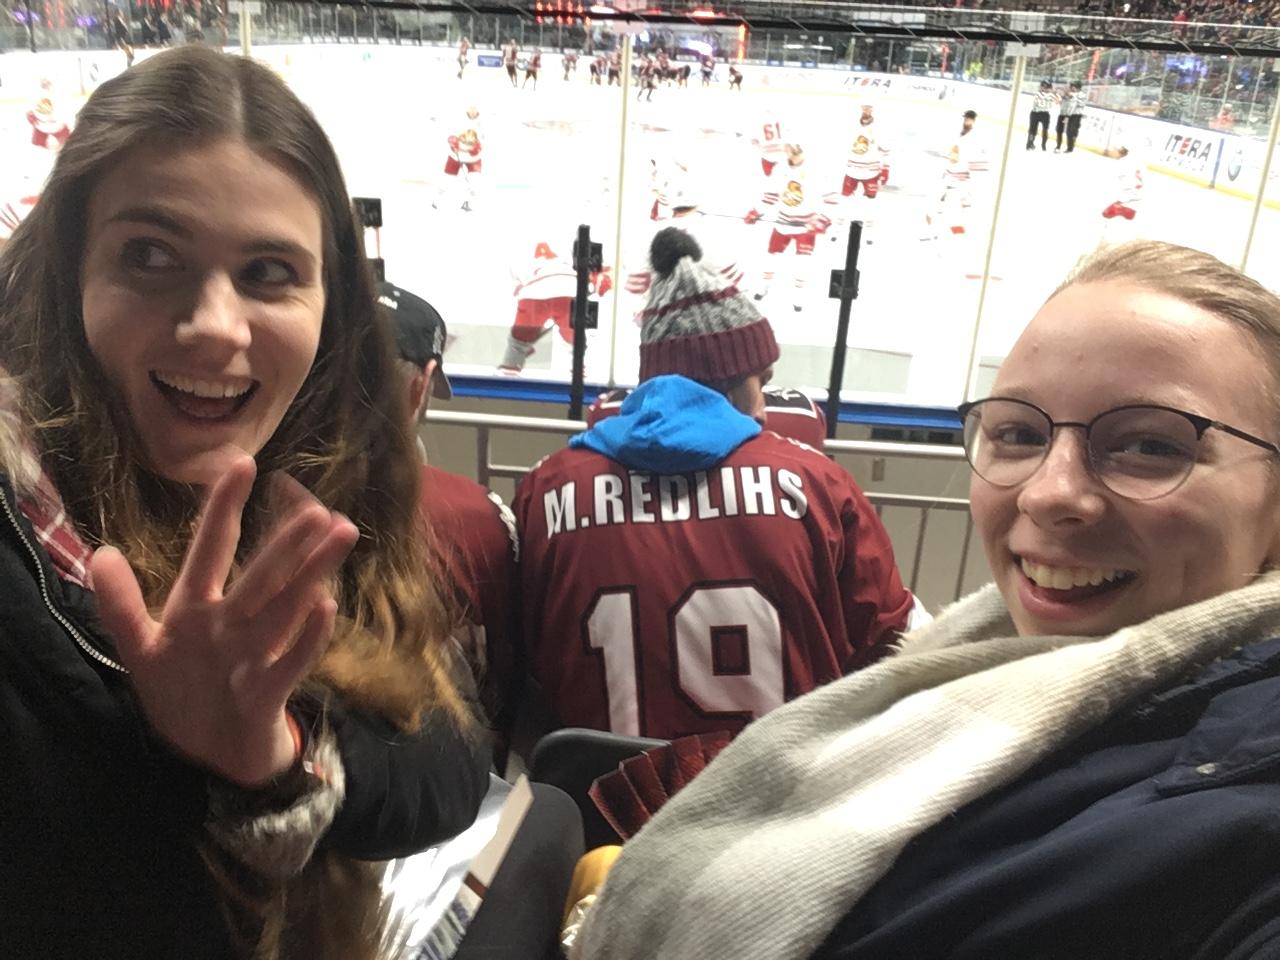 Josephine (rechts) beim Eishockey-Spiel in Riga